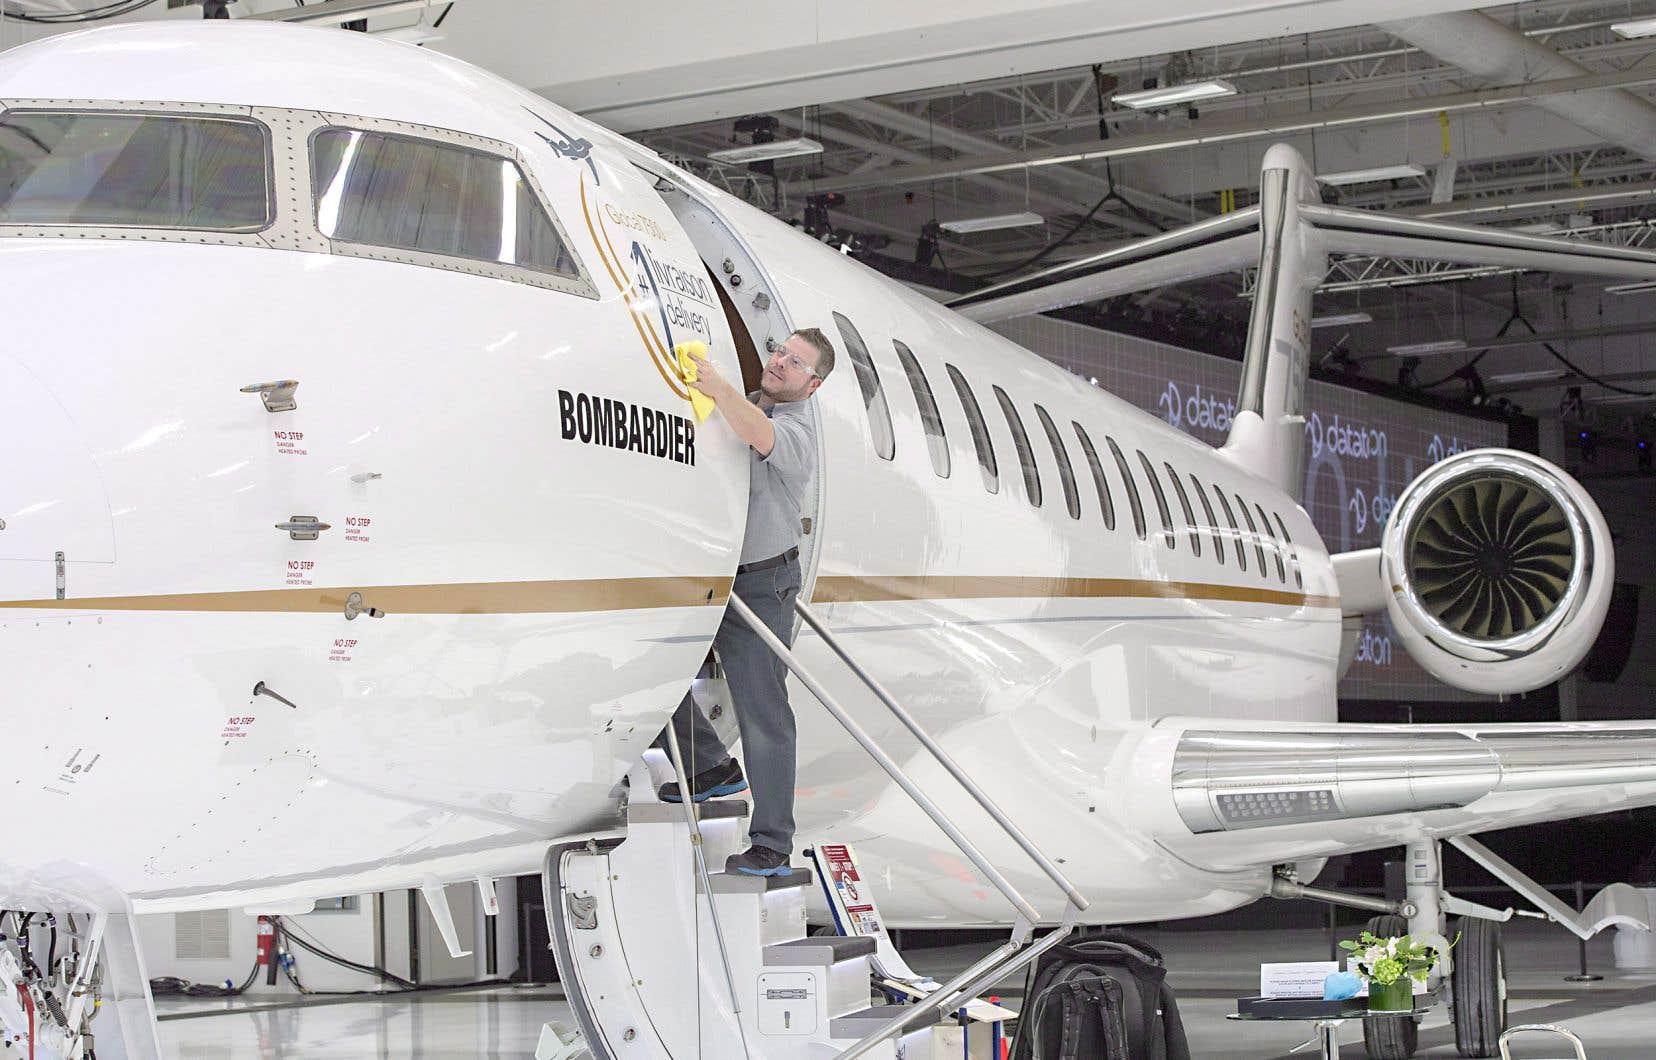 Bombardier a officiellement lancé son nouvel avion d'affaires Global 7500 quelques jours avant Noël. Bien que l'avionneur ait connu des hauts et des bas cette année, l'industrie se porte bien, selon Aéro Montréal.